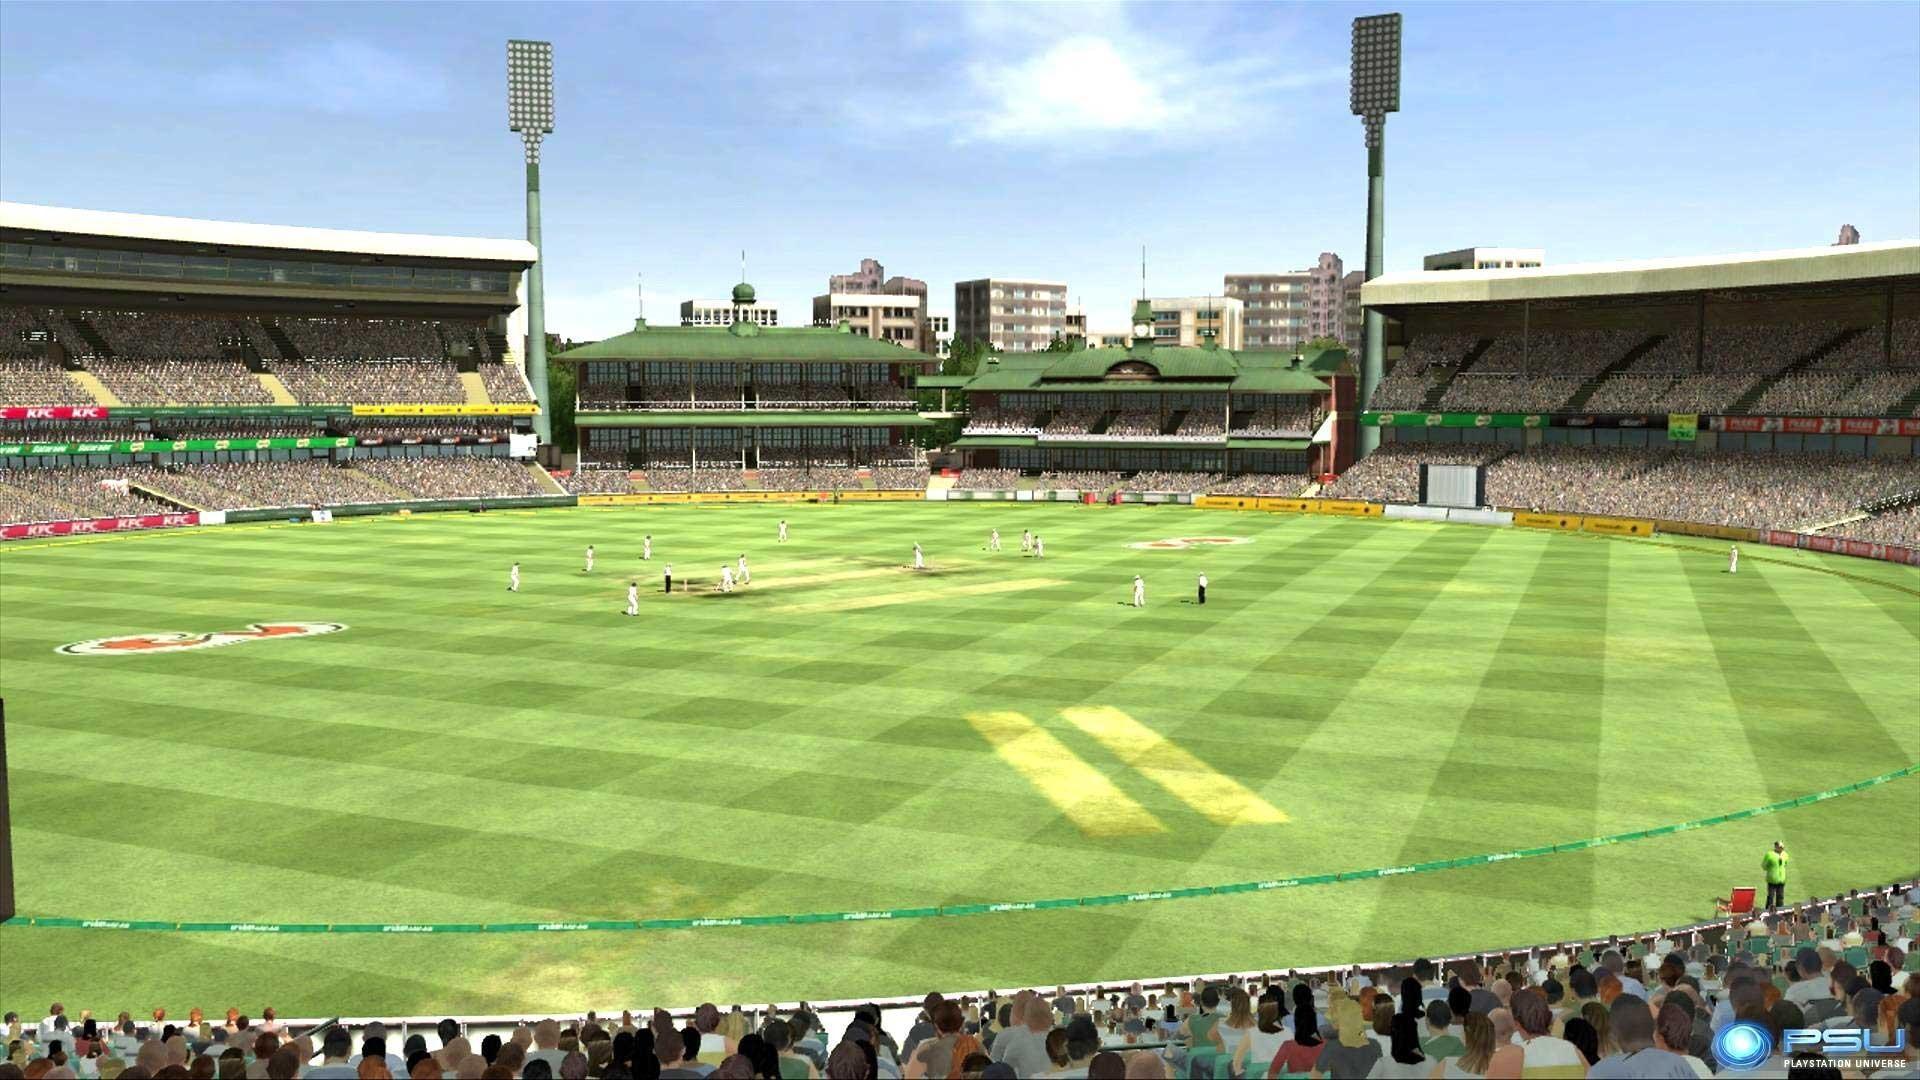 इस युवा भारतीय बल्लेबाज ने मात्र 29 गेंदों में शतक ठोक, थोड़ा एबी डिविलियर्स का रिकॉर्ड 1